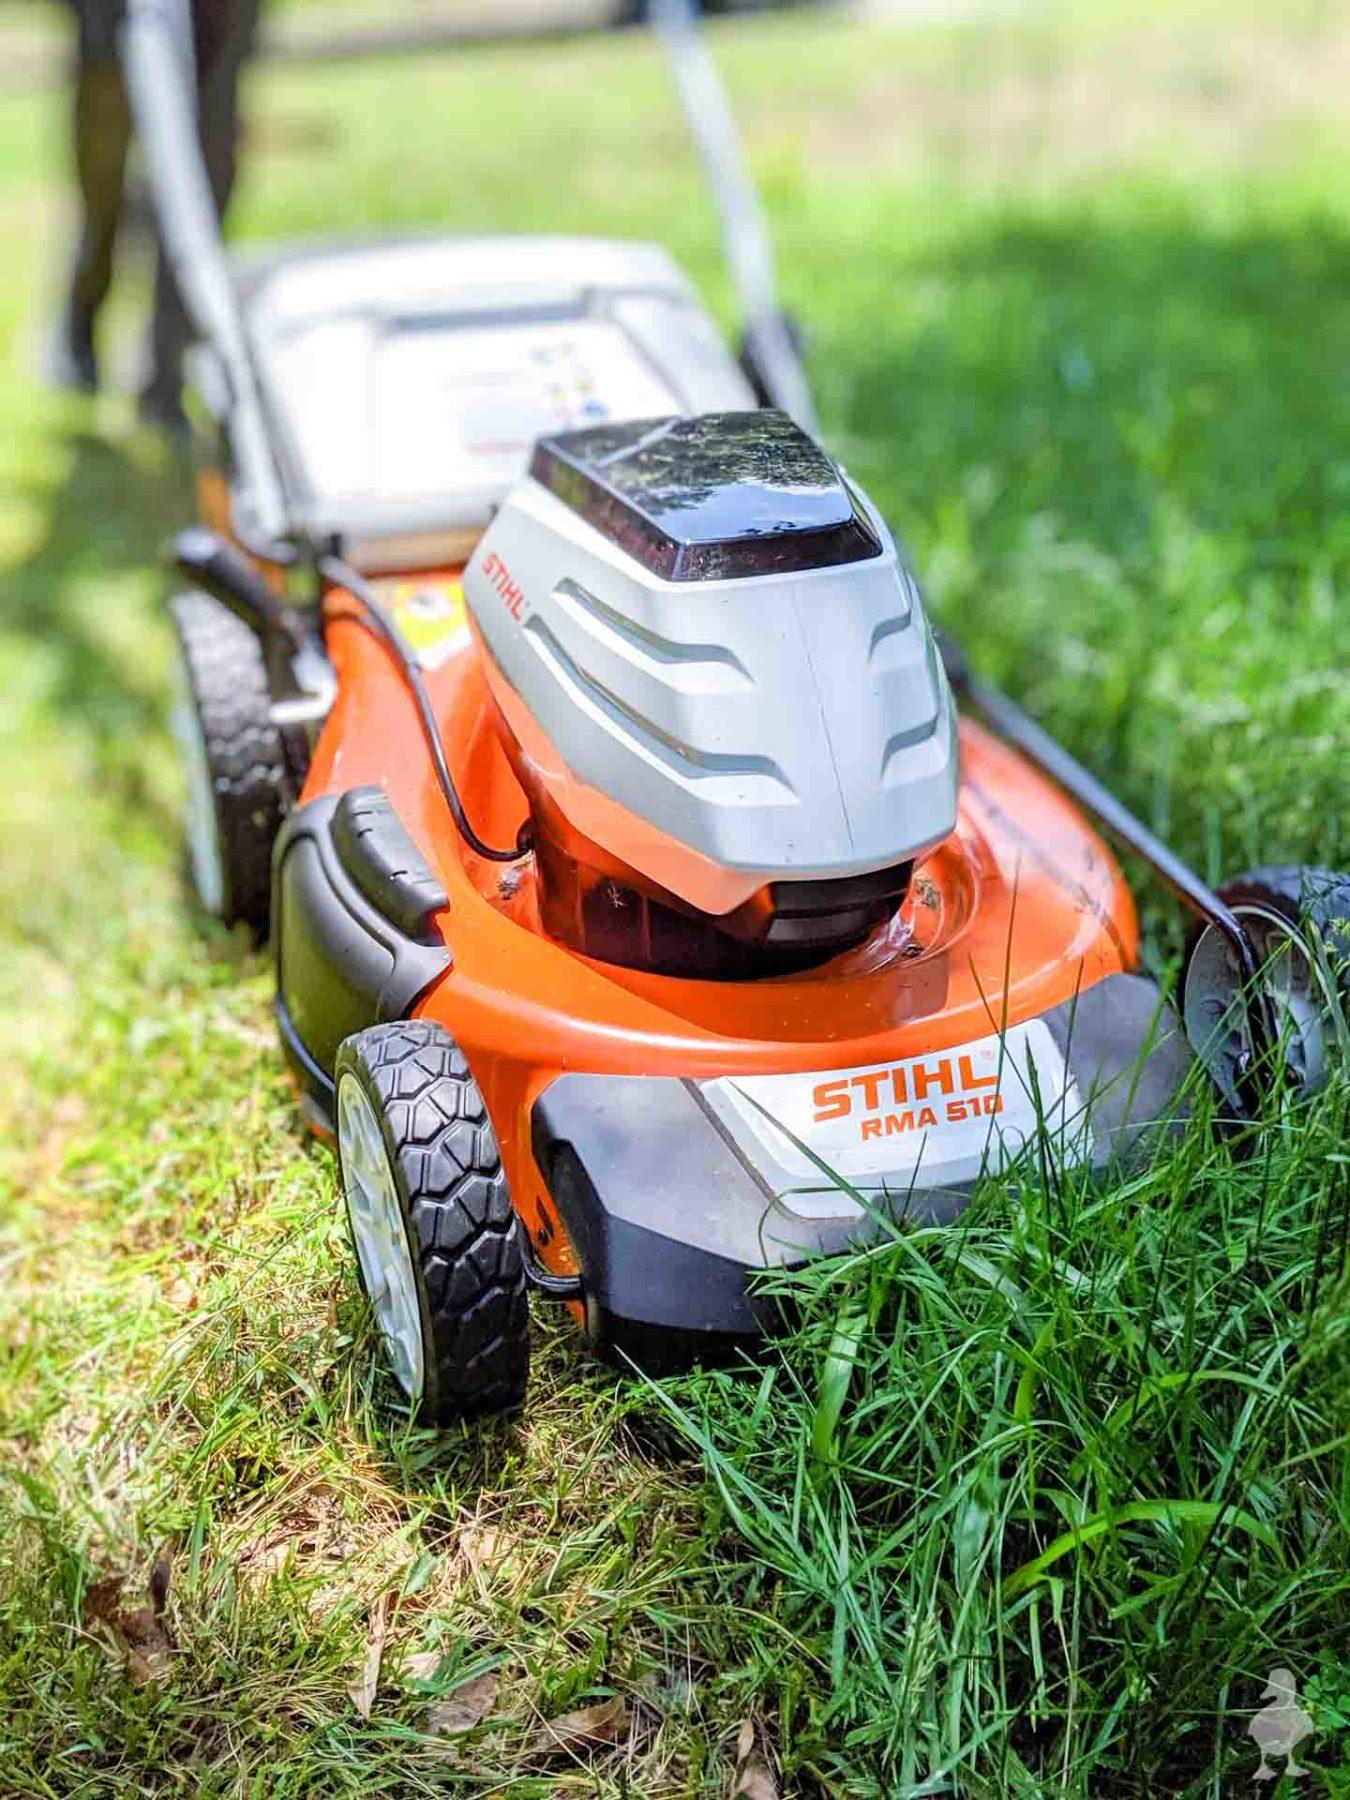 STIHL battery powered mower